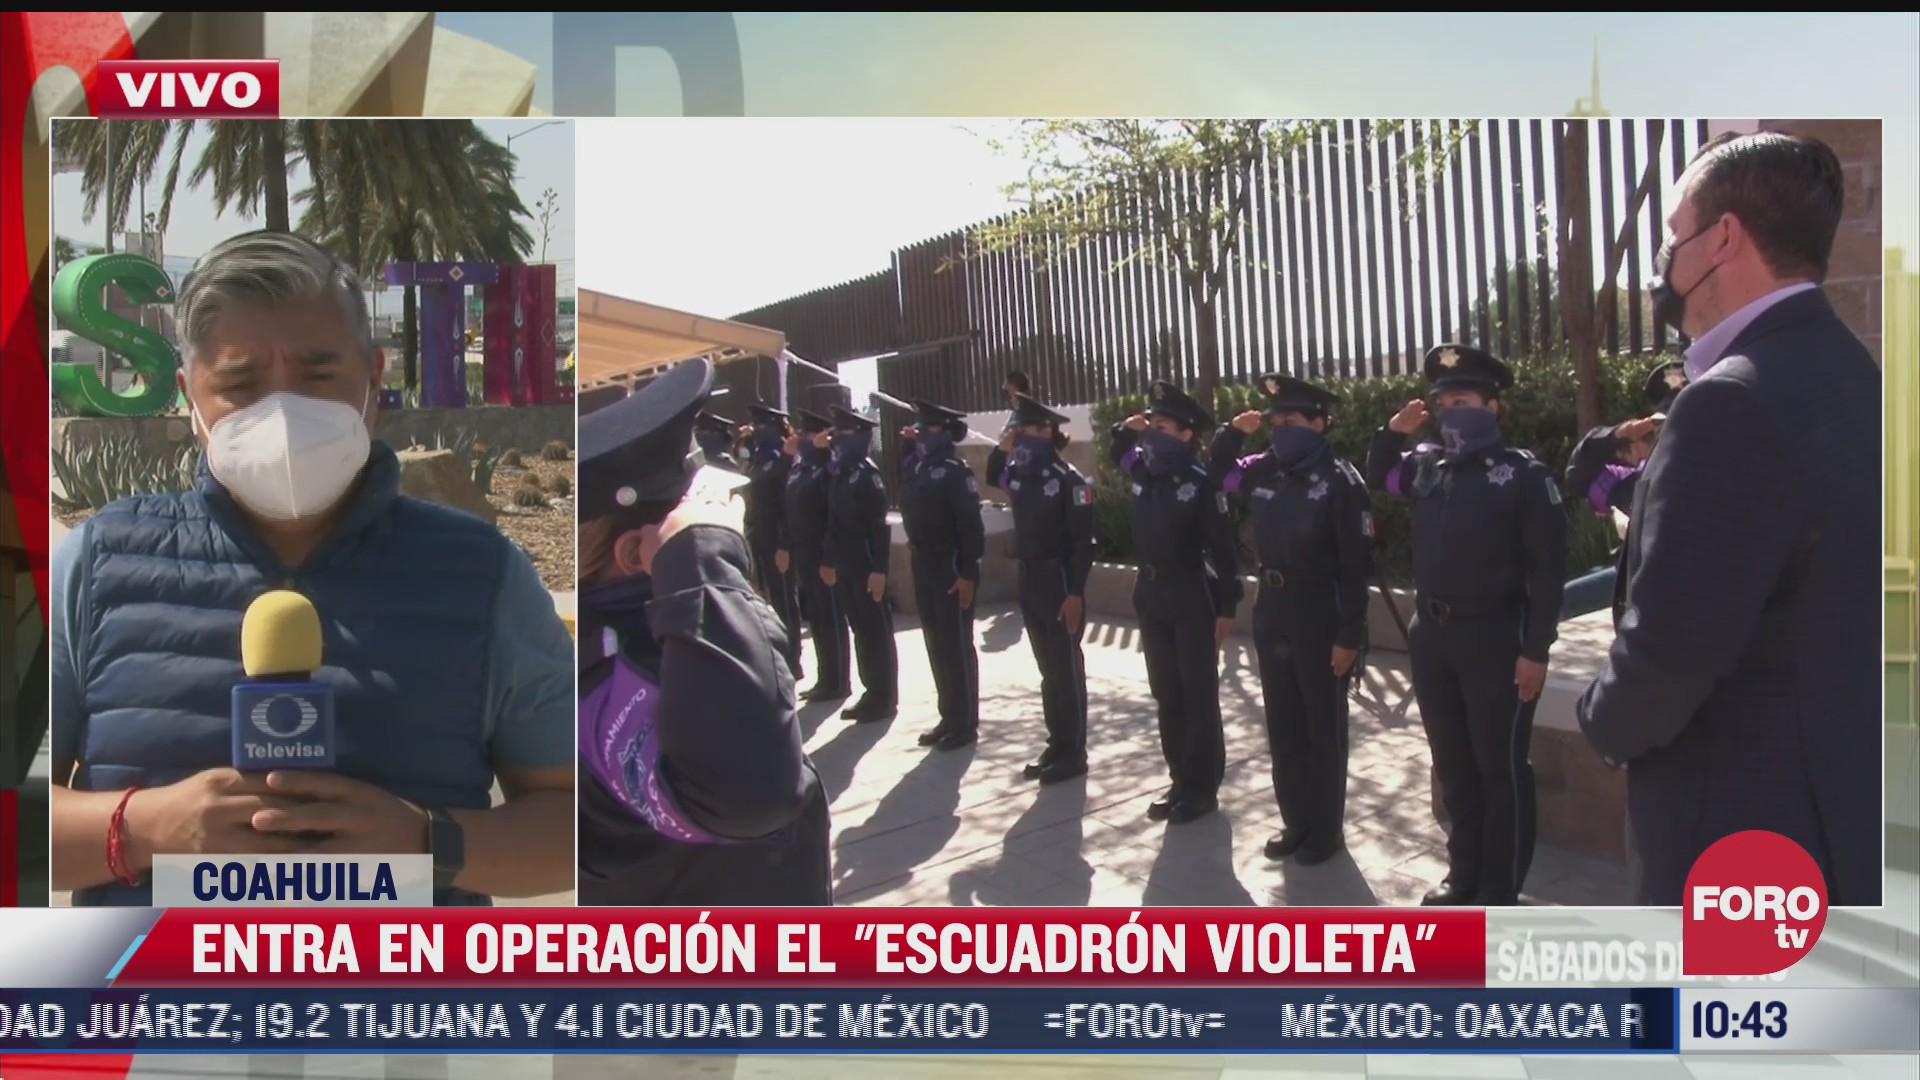 asi funciona el escuadron violeta para atender casos de violencia contra mujeres en coahuila